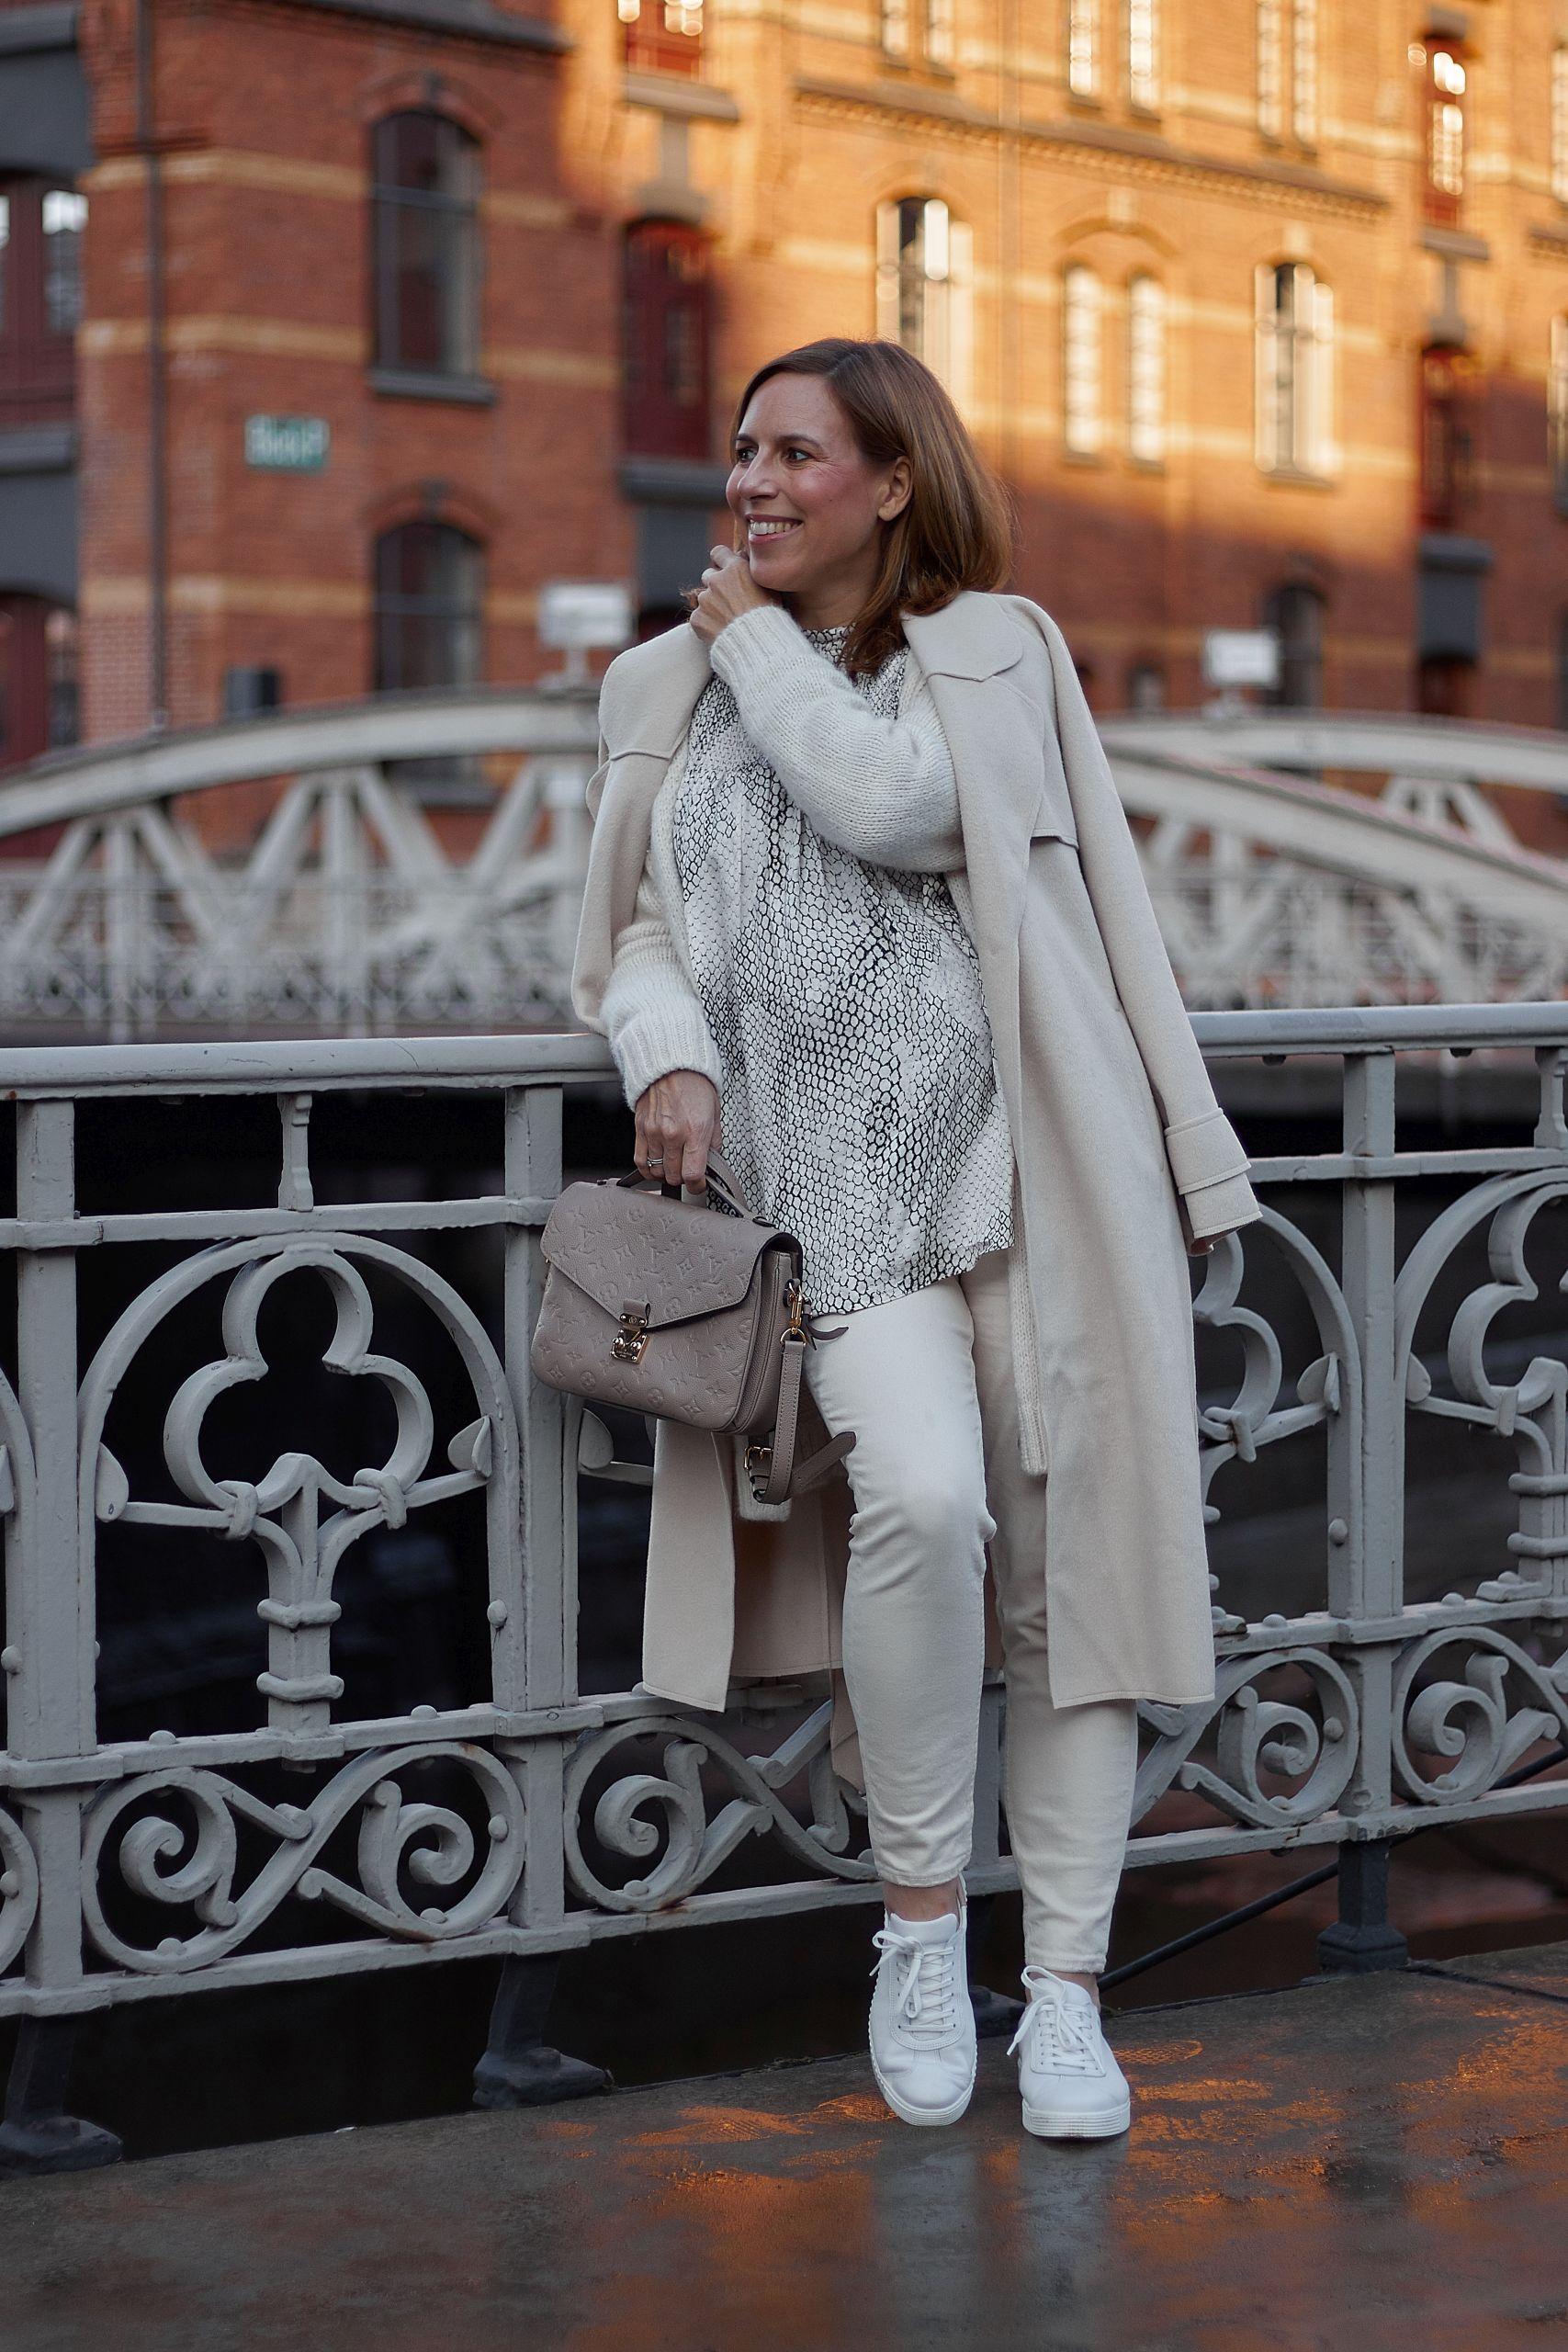 LaShoe Retro Sneaker zum all white outfit und Louis Vuitton Metis Tasche in der Speicherstadt